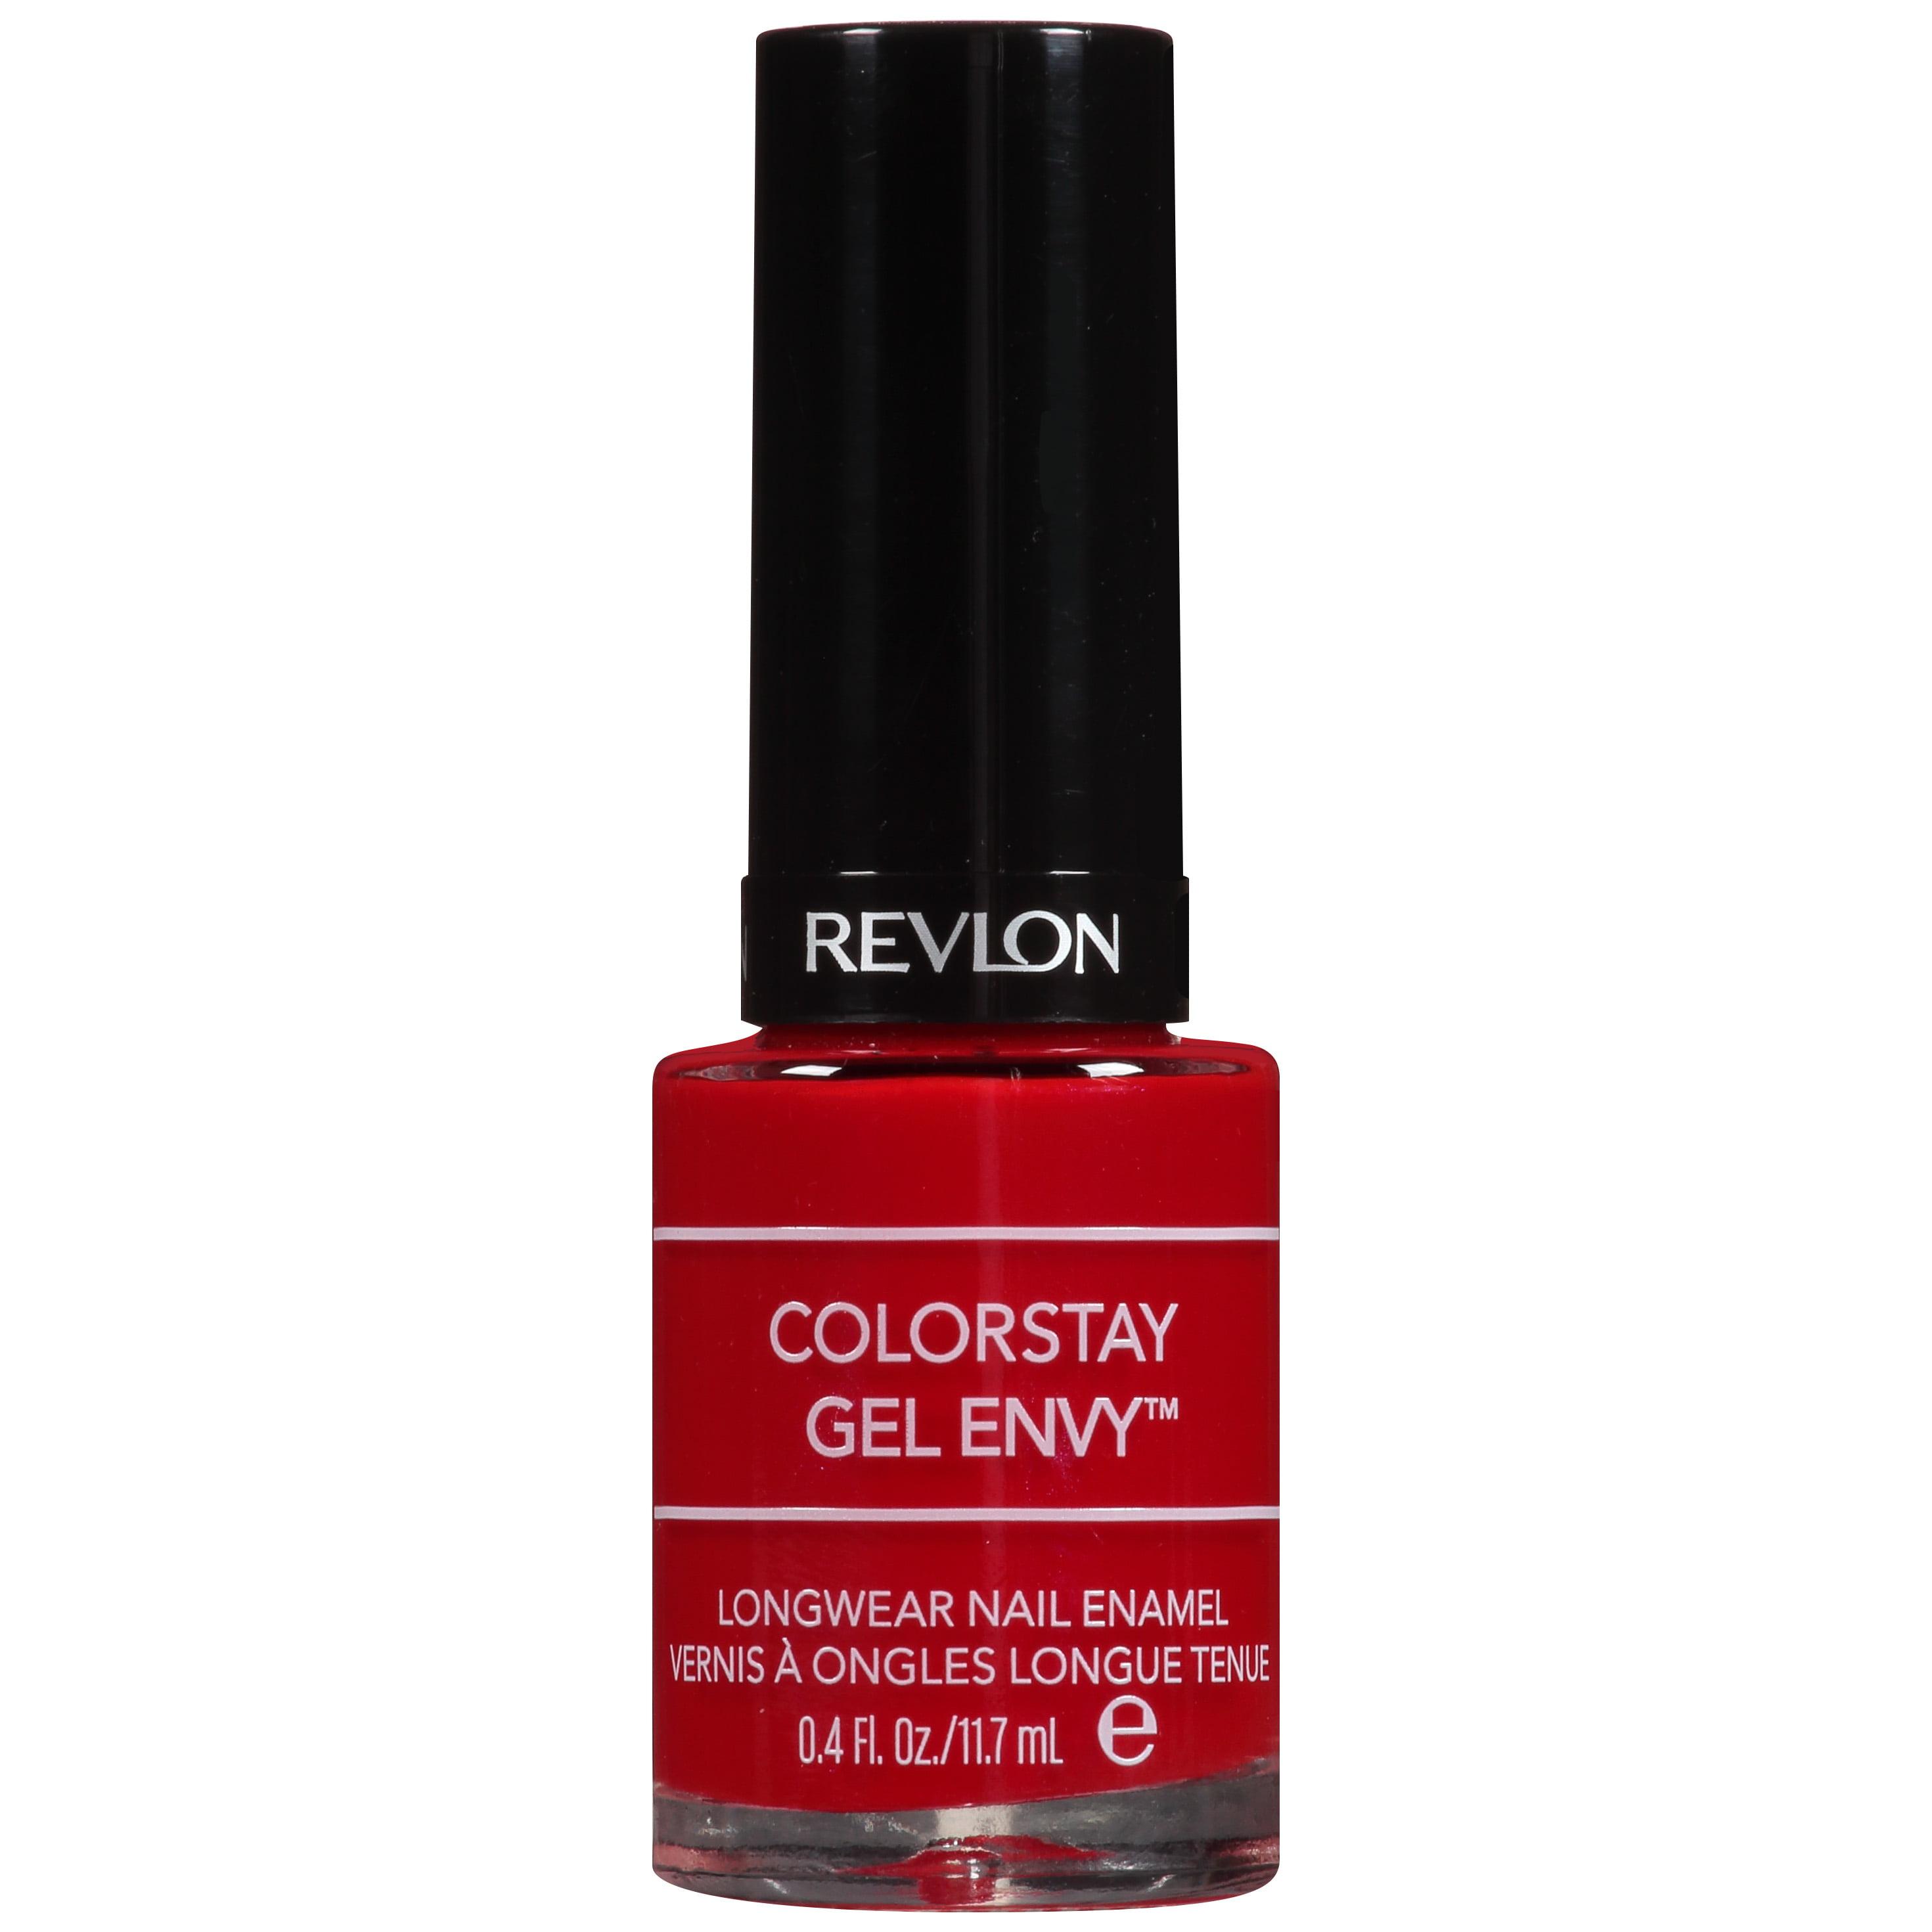 Revlon ColorStay Gel Envy Longwear Nail Enamel All on Red, 0.4 fl oz ...